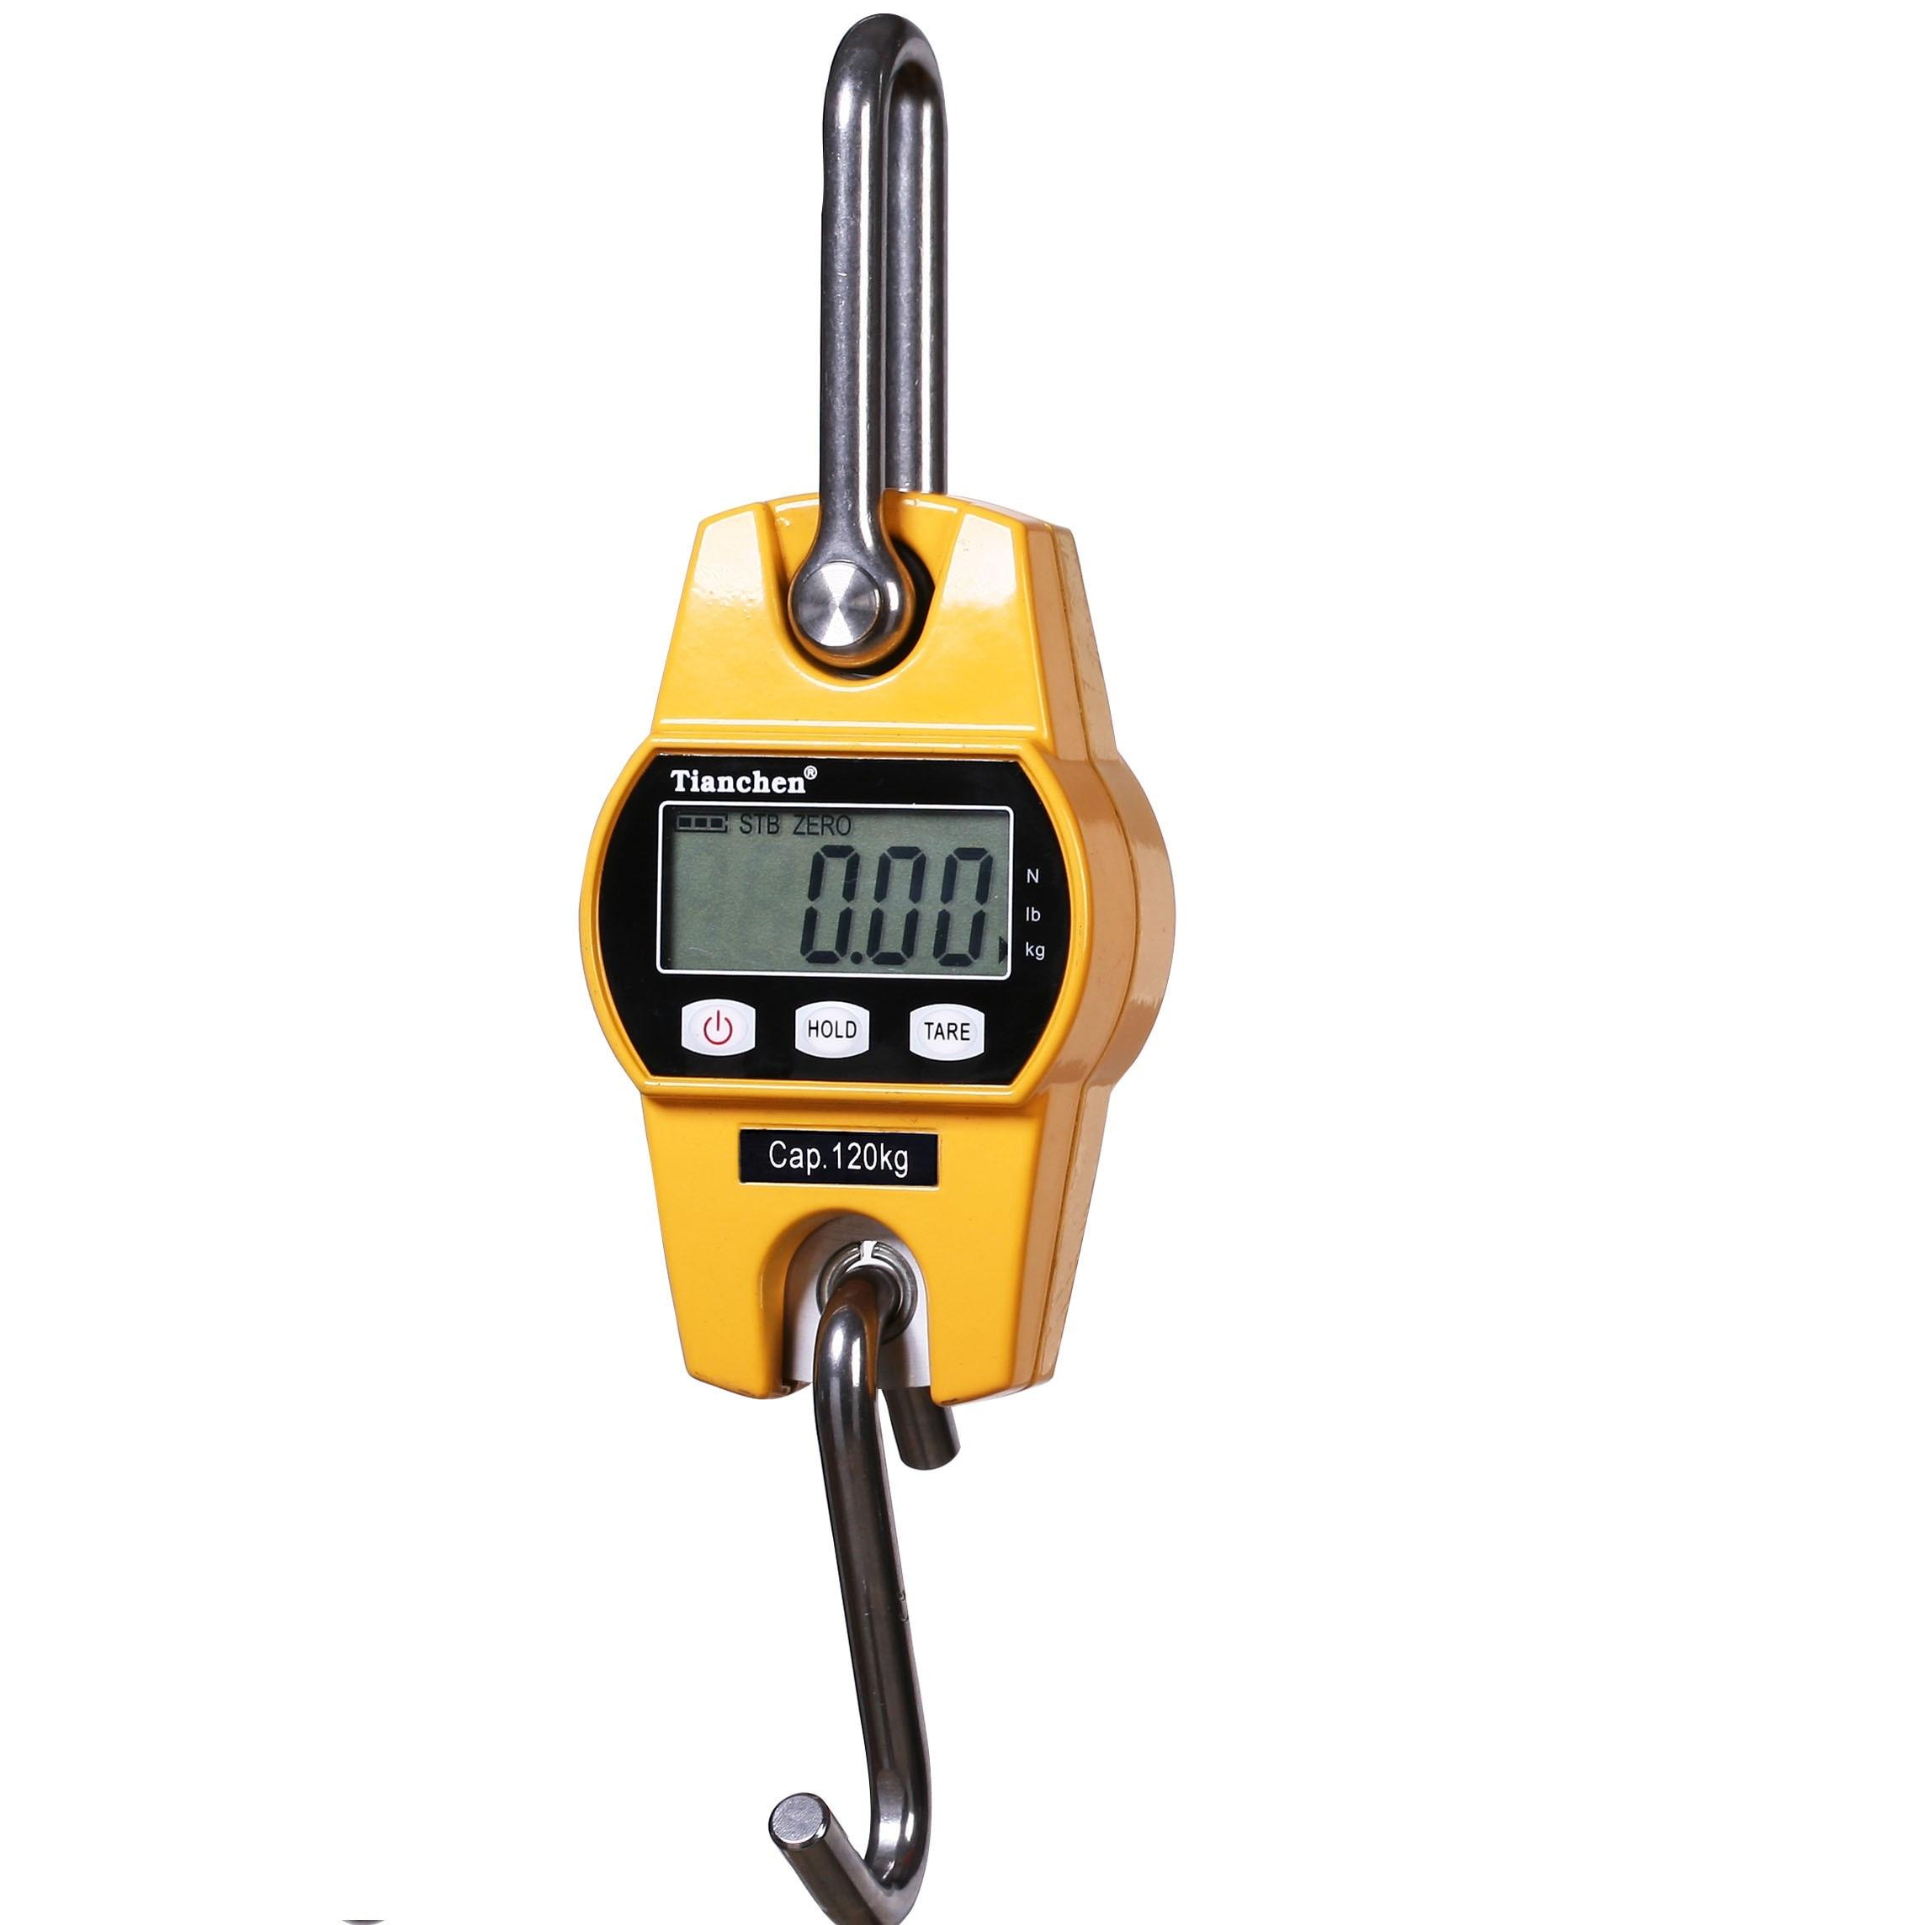 Nouveau 300 kg Mini Balance de grue Portable LCD numérique électronique en acier inoxydable crochet suspendu poids grue balances Balance de pesage